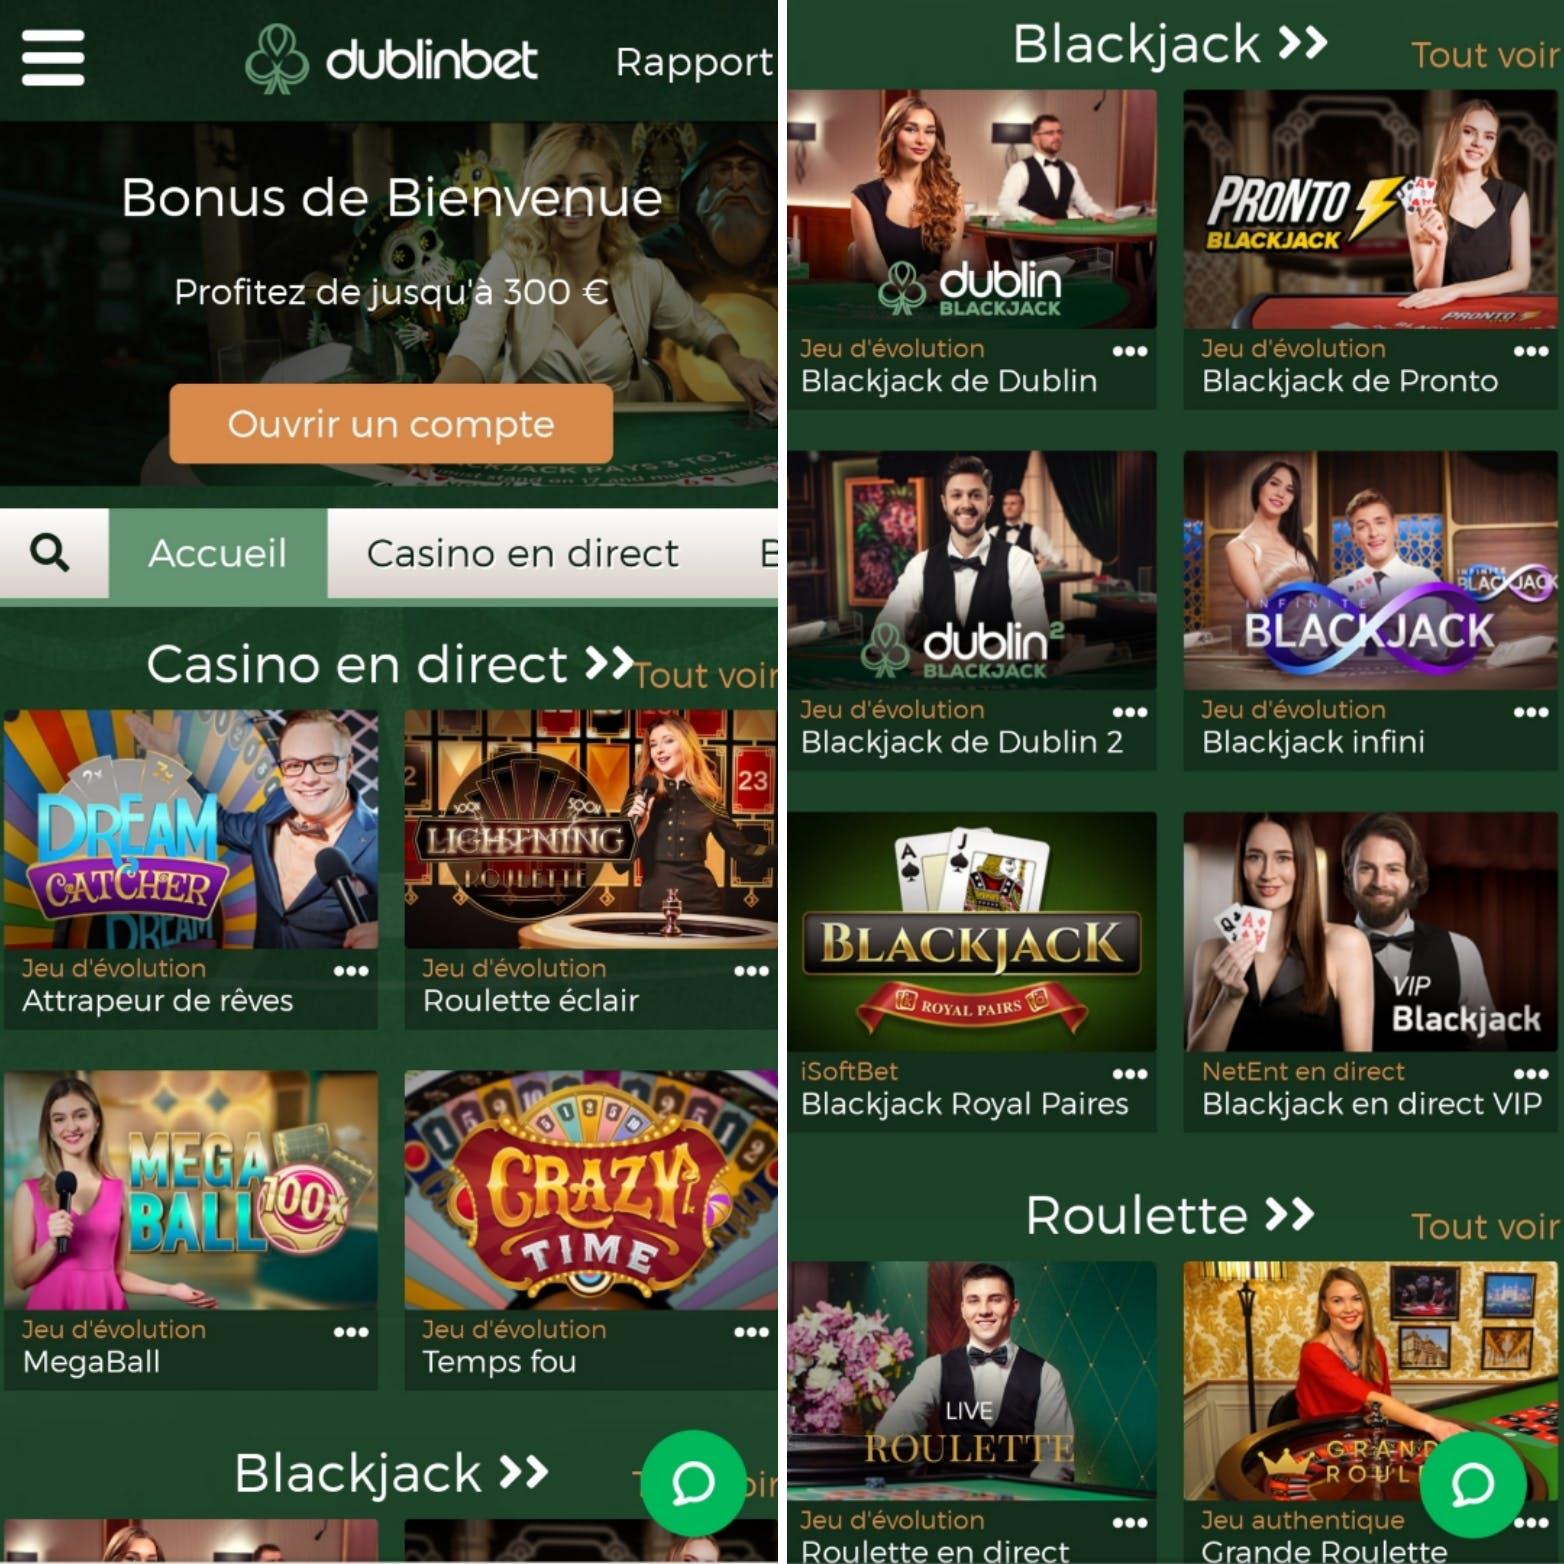 version mobile Dublinbet casino